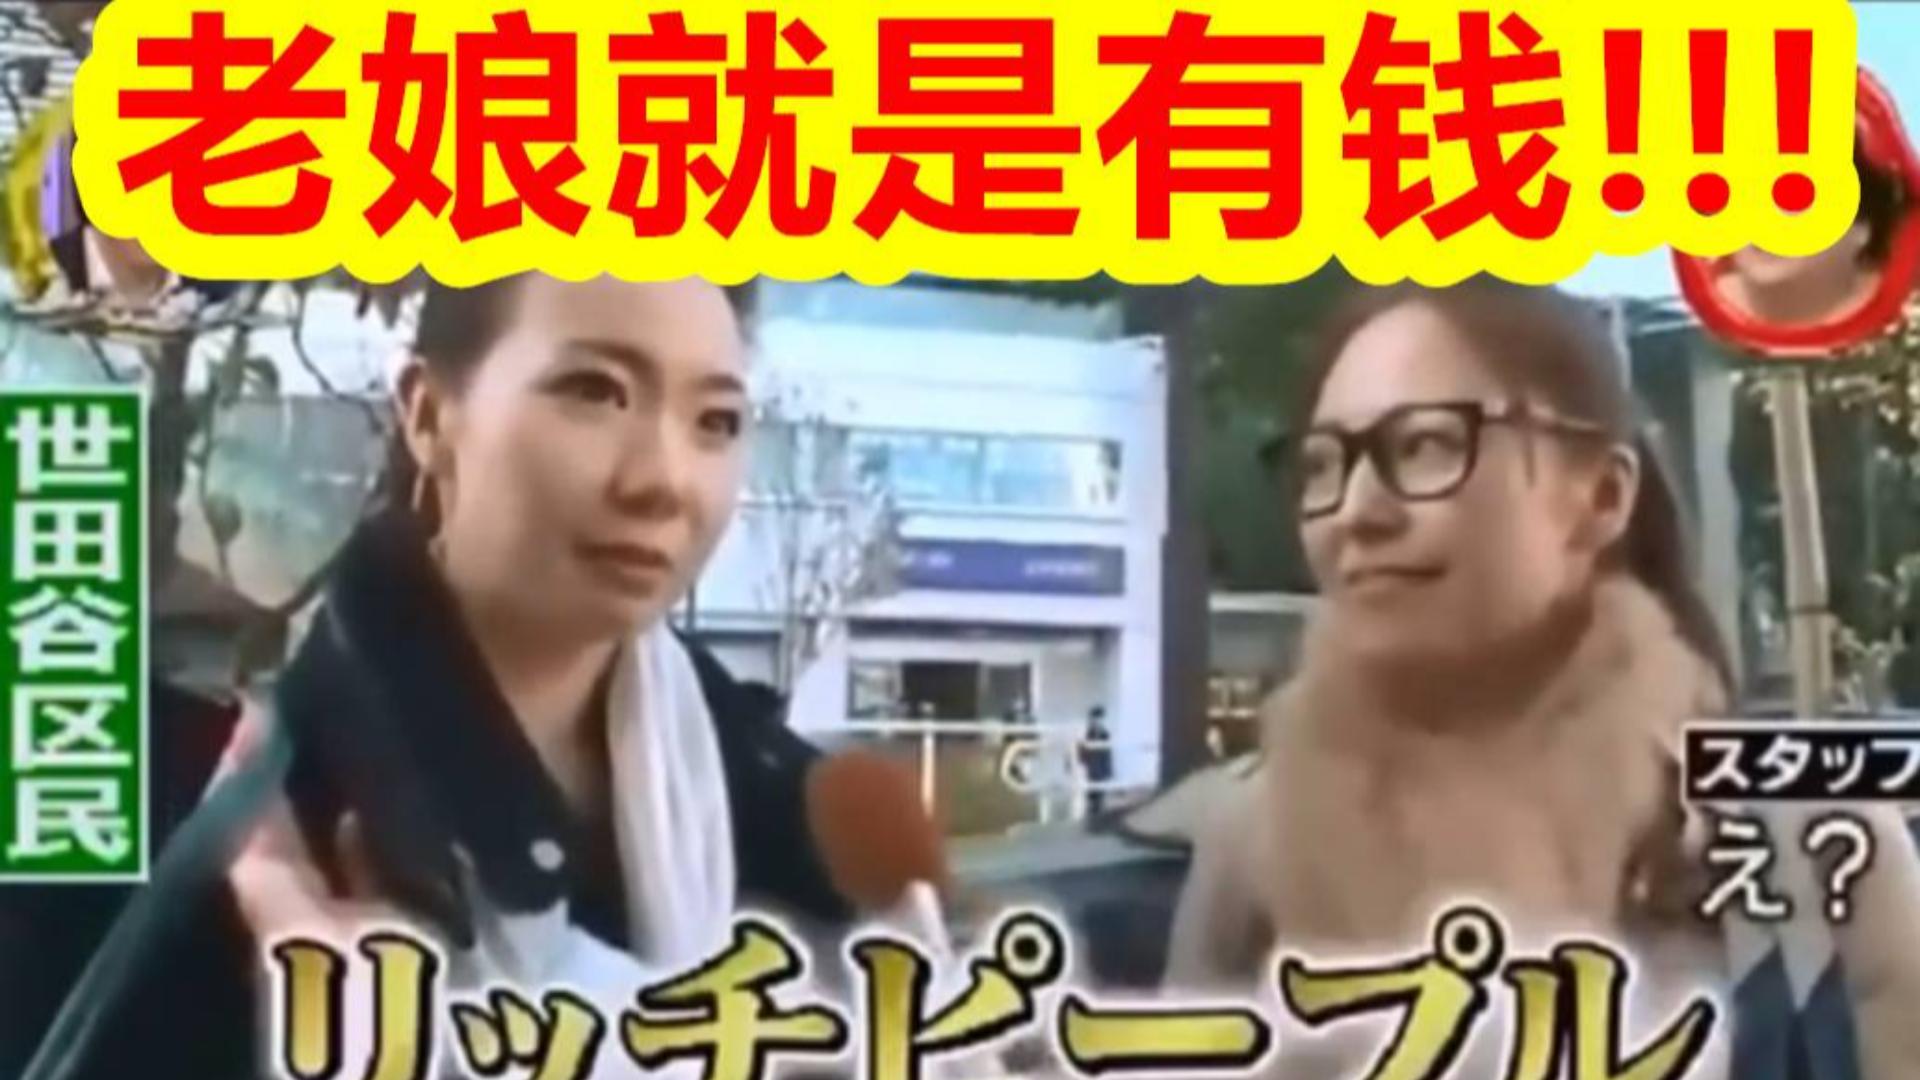 谁才是真正的有钱人?东京23区富婆的精彩撕逼diss大赛。月曜的采访简直就是恶意满满啊